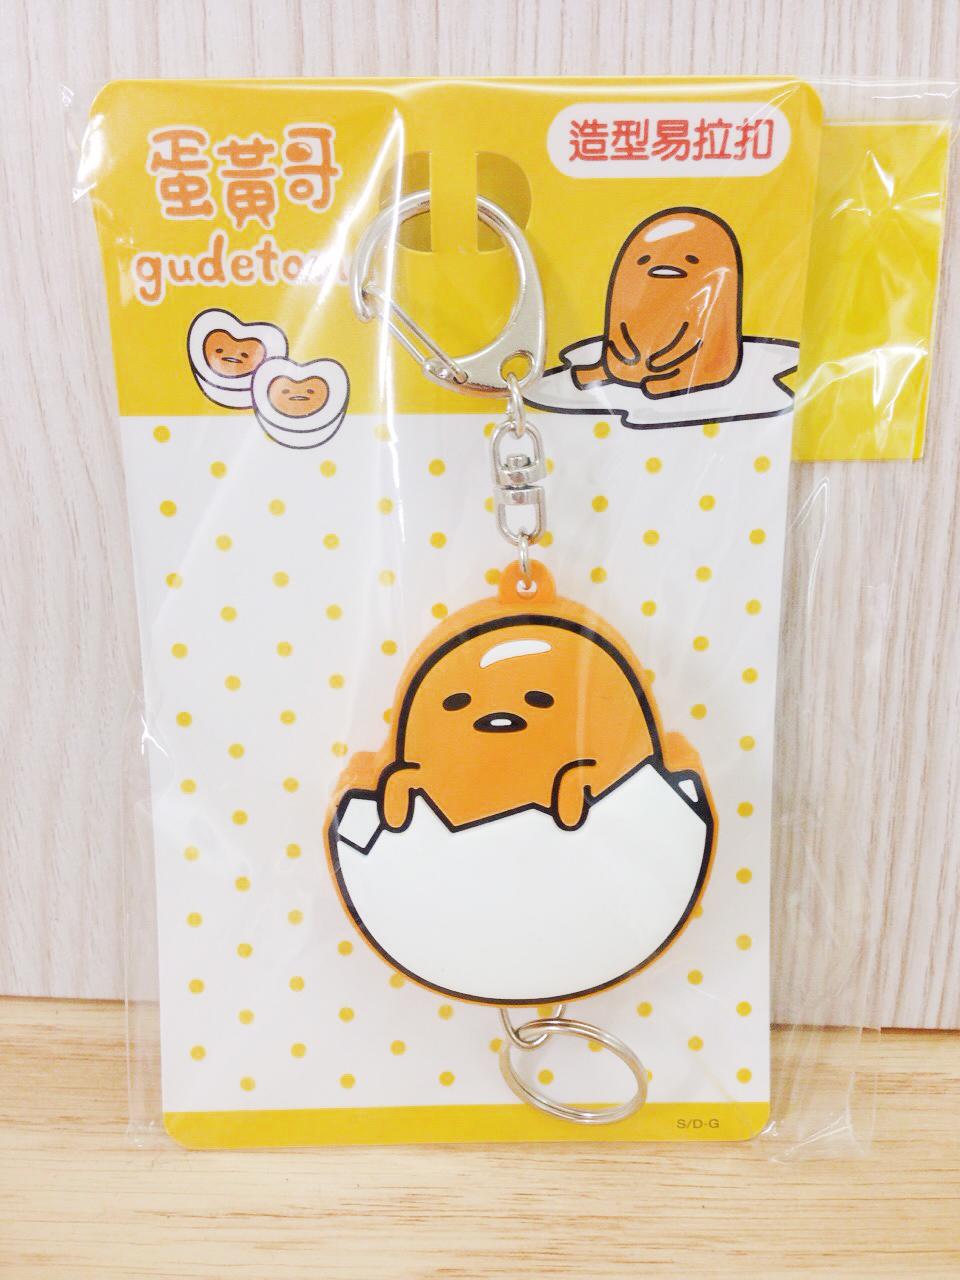 【真愛日本】15110400011 造型易拉扣-蛋黃哥 蛋黃哥 三麗鷗 鑰使圈 多功能伸縮 文具用品